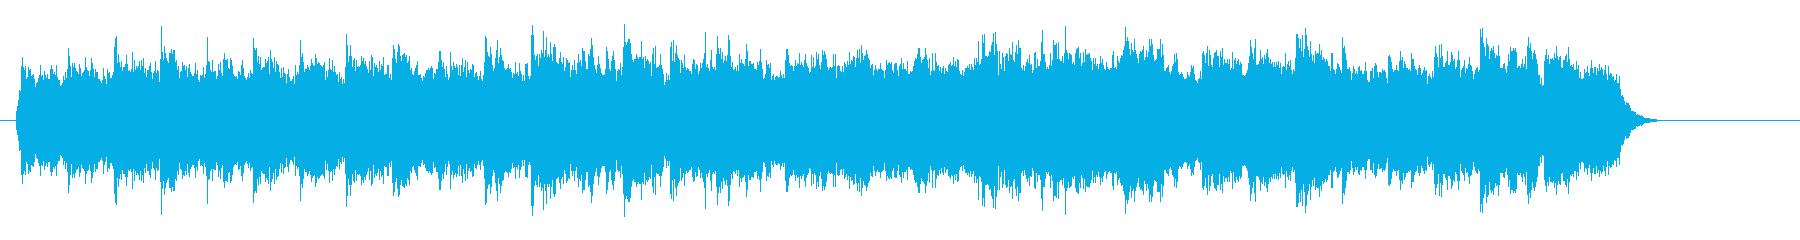 簡素なピアノ・クラシック風の再生済みの波形